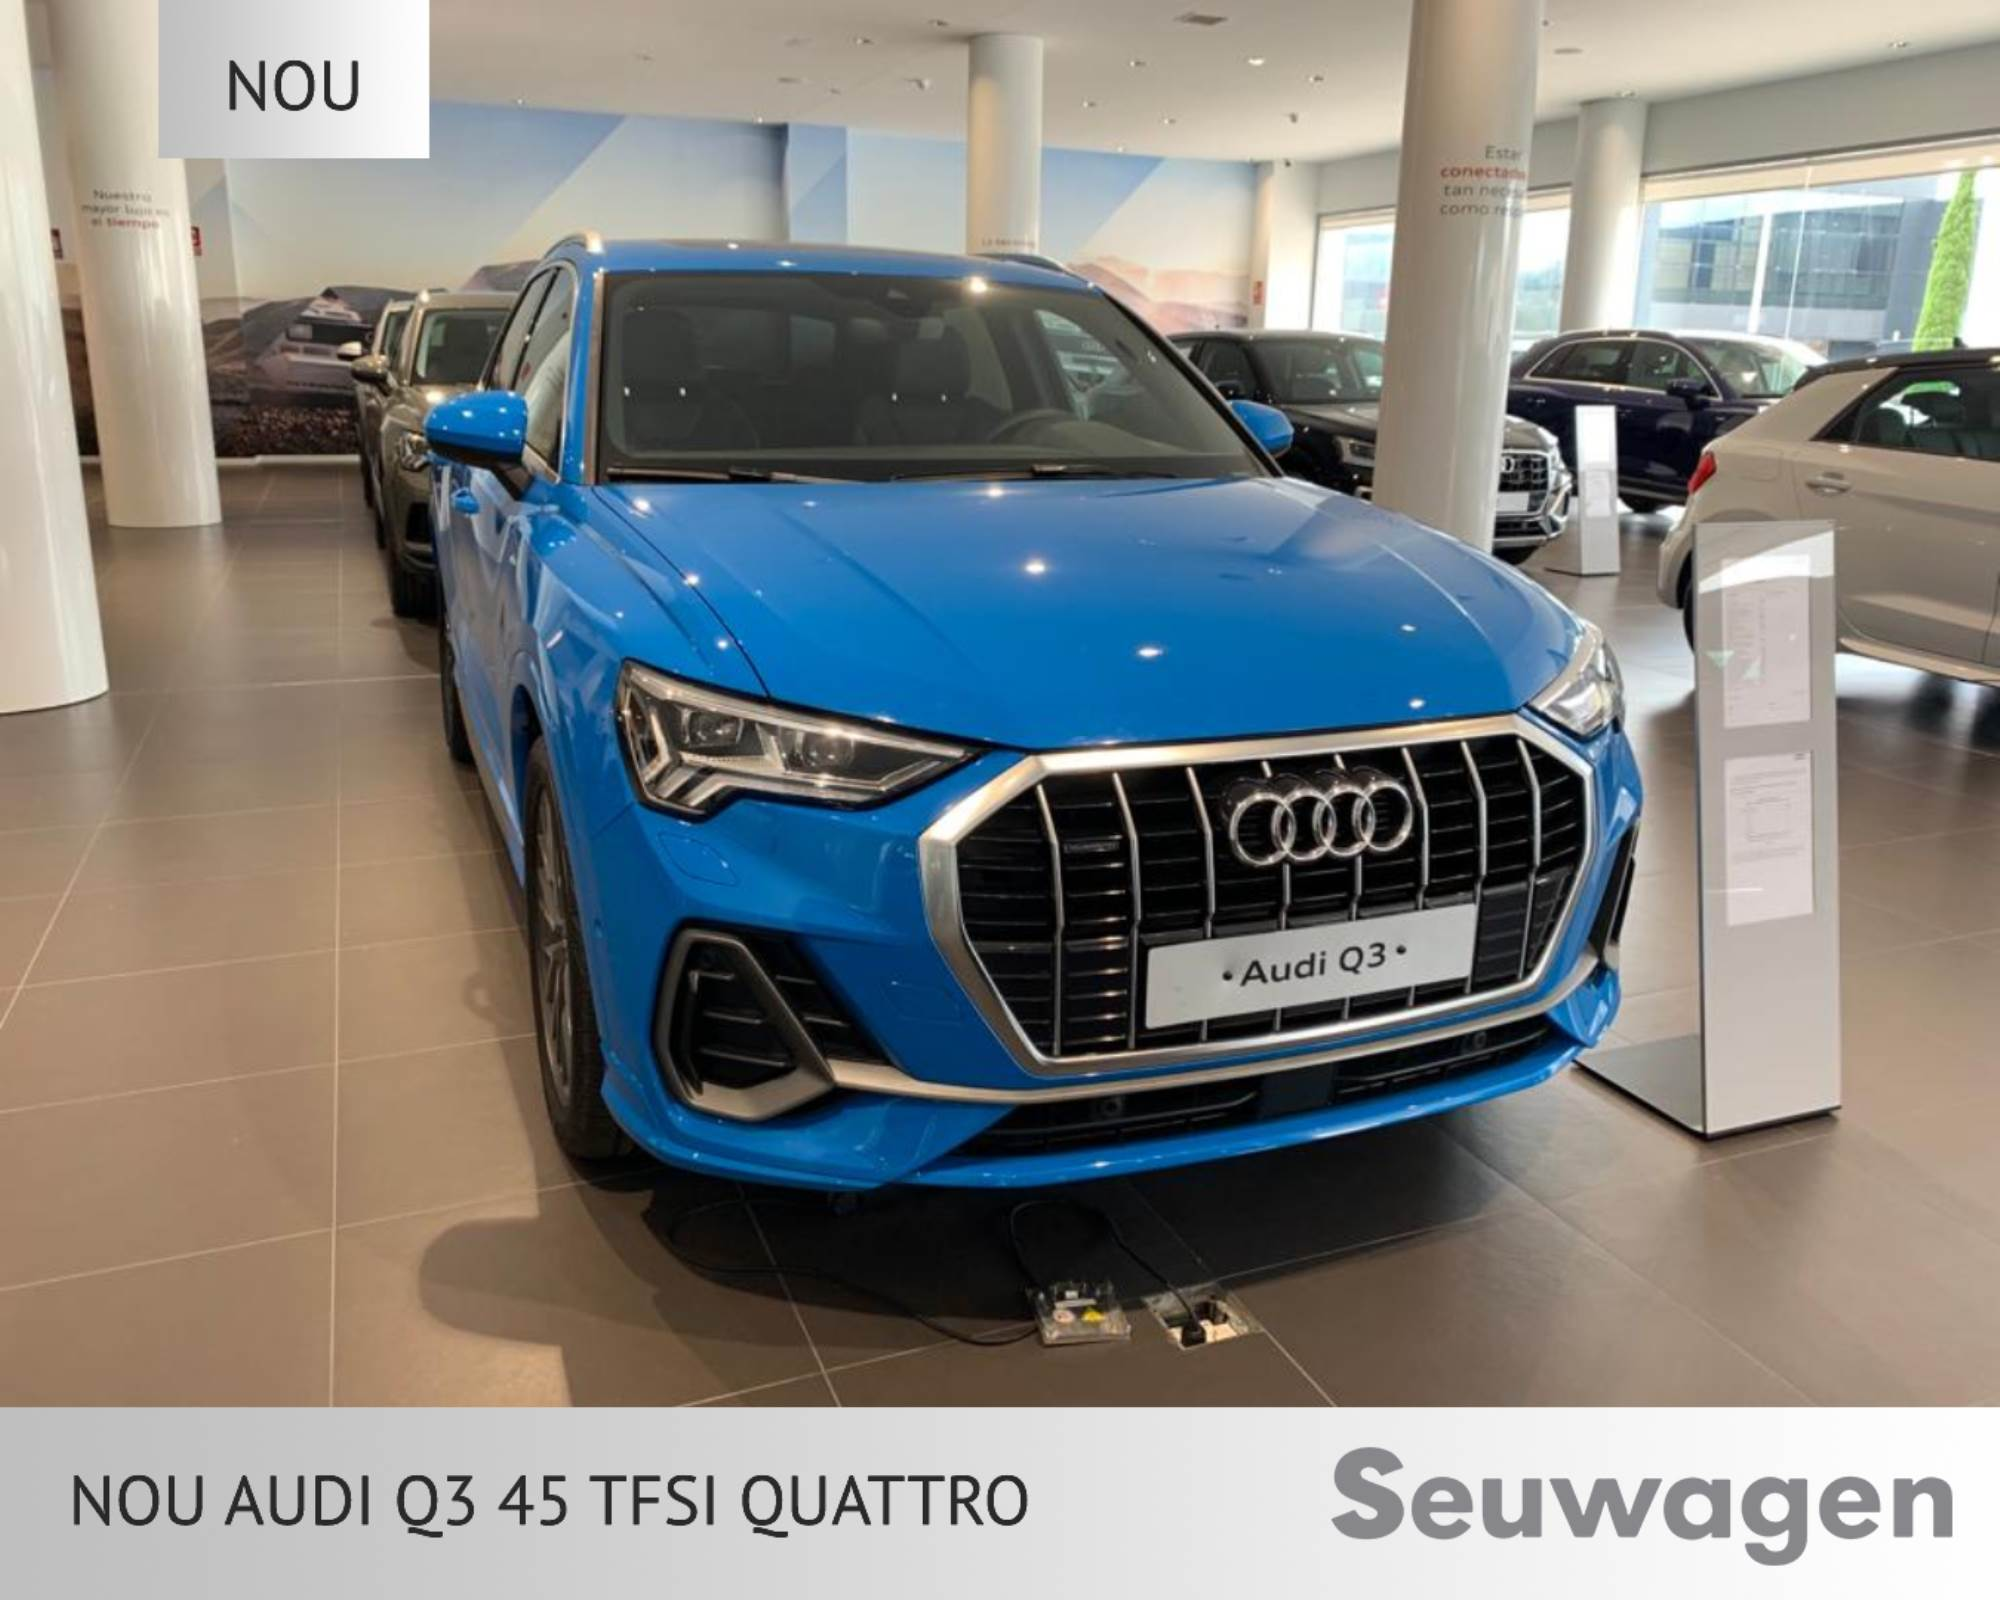 Audi - Q3 - 45 TFSI QUATTRO 45 TFSI QUATTRO Benzina  2021  00 Km